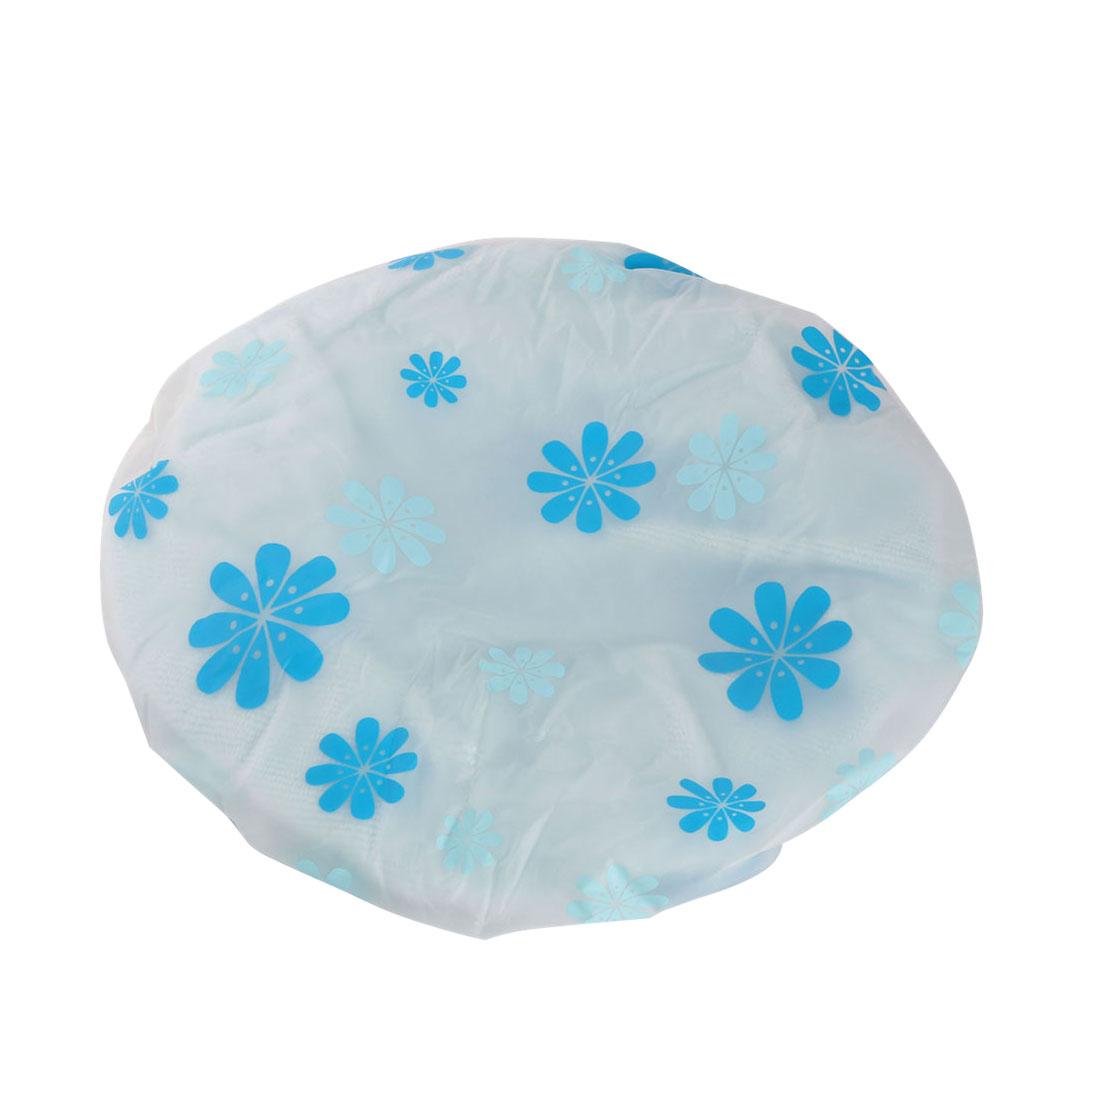 Femmes-microfibre-elastique-resistant-a-eau-bonnet-douche-bain-Spa-Fleurs-bleues